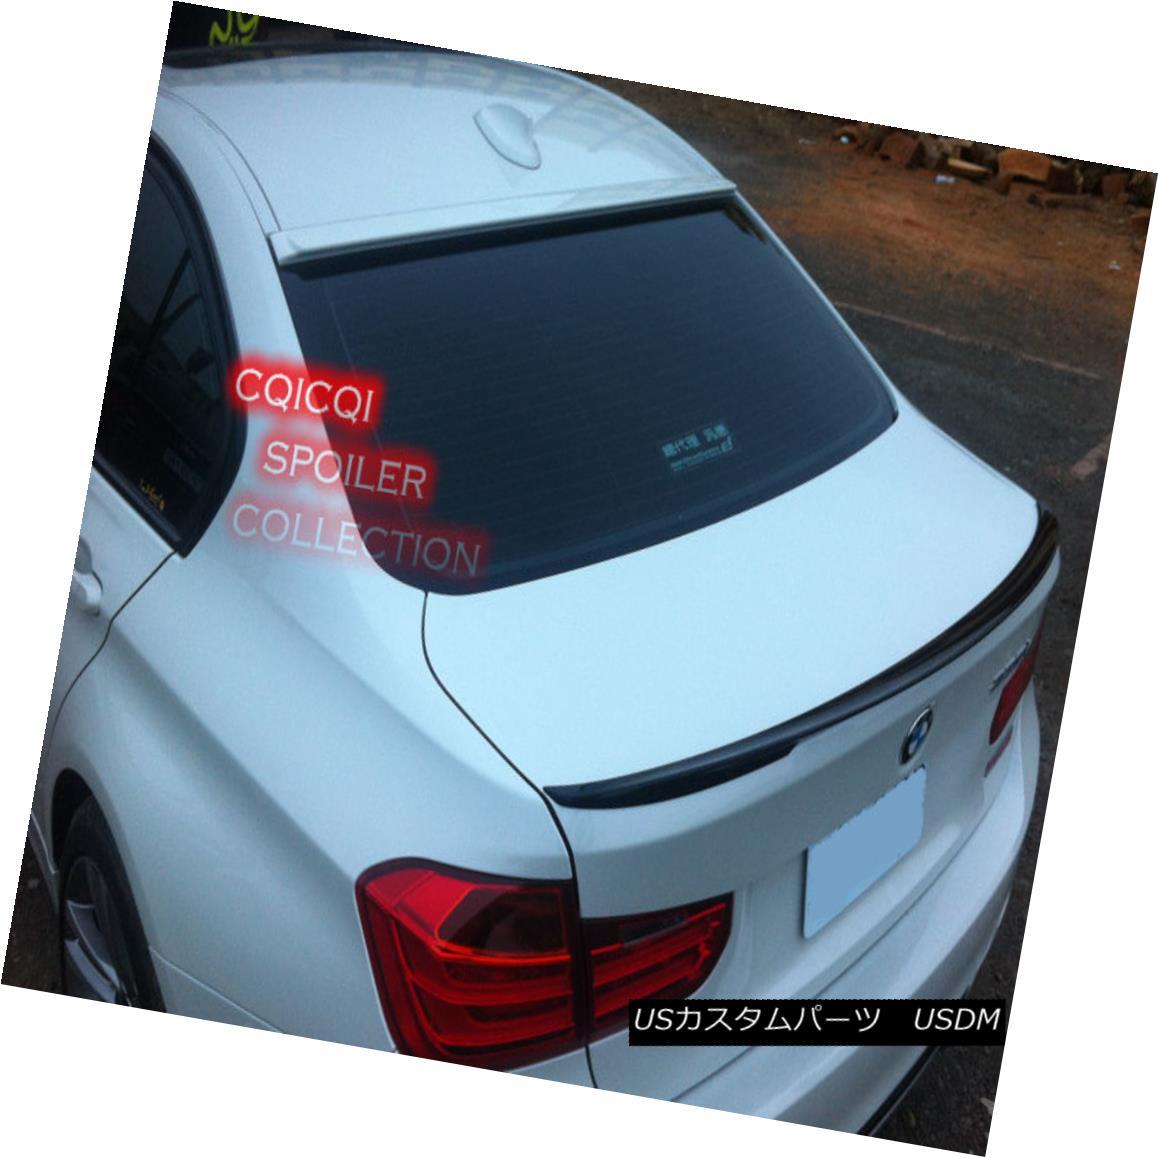 エアロパーツ Painted BMW 12~18 F30 3-series Sedan AC type rear roof spoiler color:475 black ◎ ペイントされたBMW 12?18 F30 3シリーズセダンACタイプリアルーフスポイラーカラー:475黒?